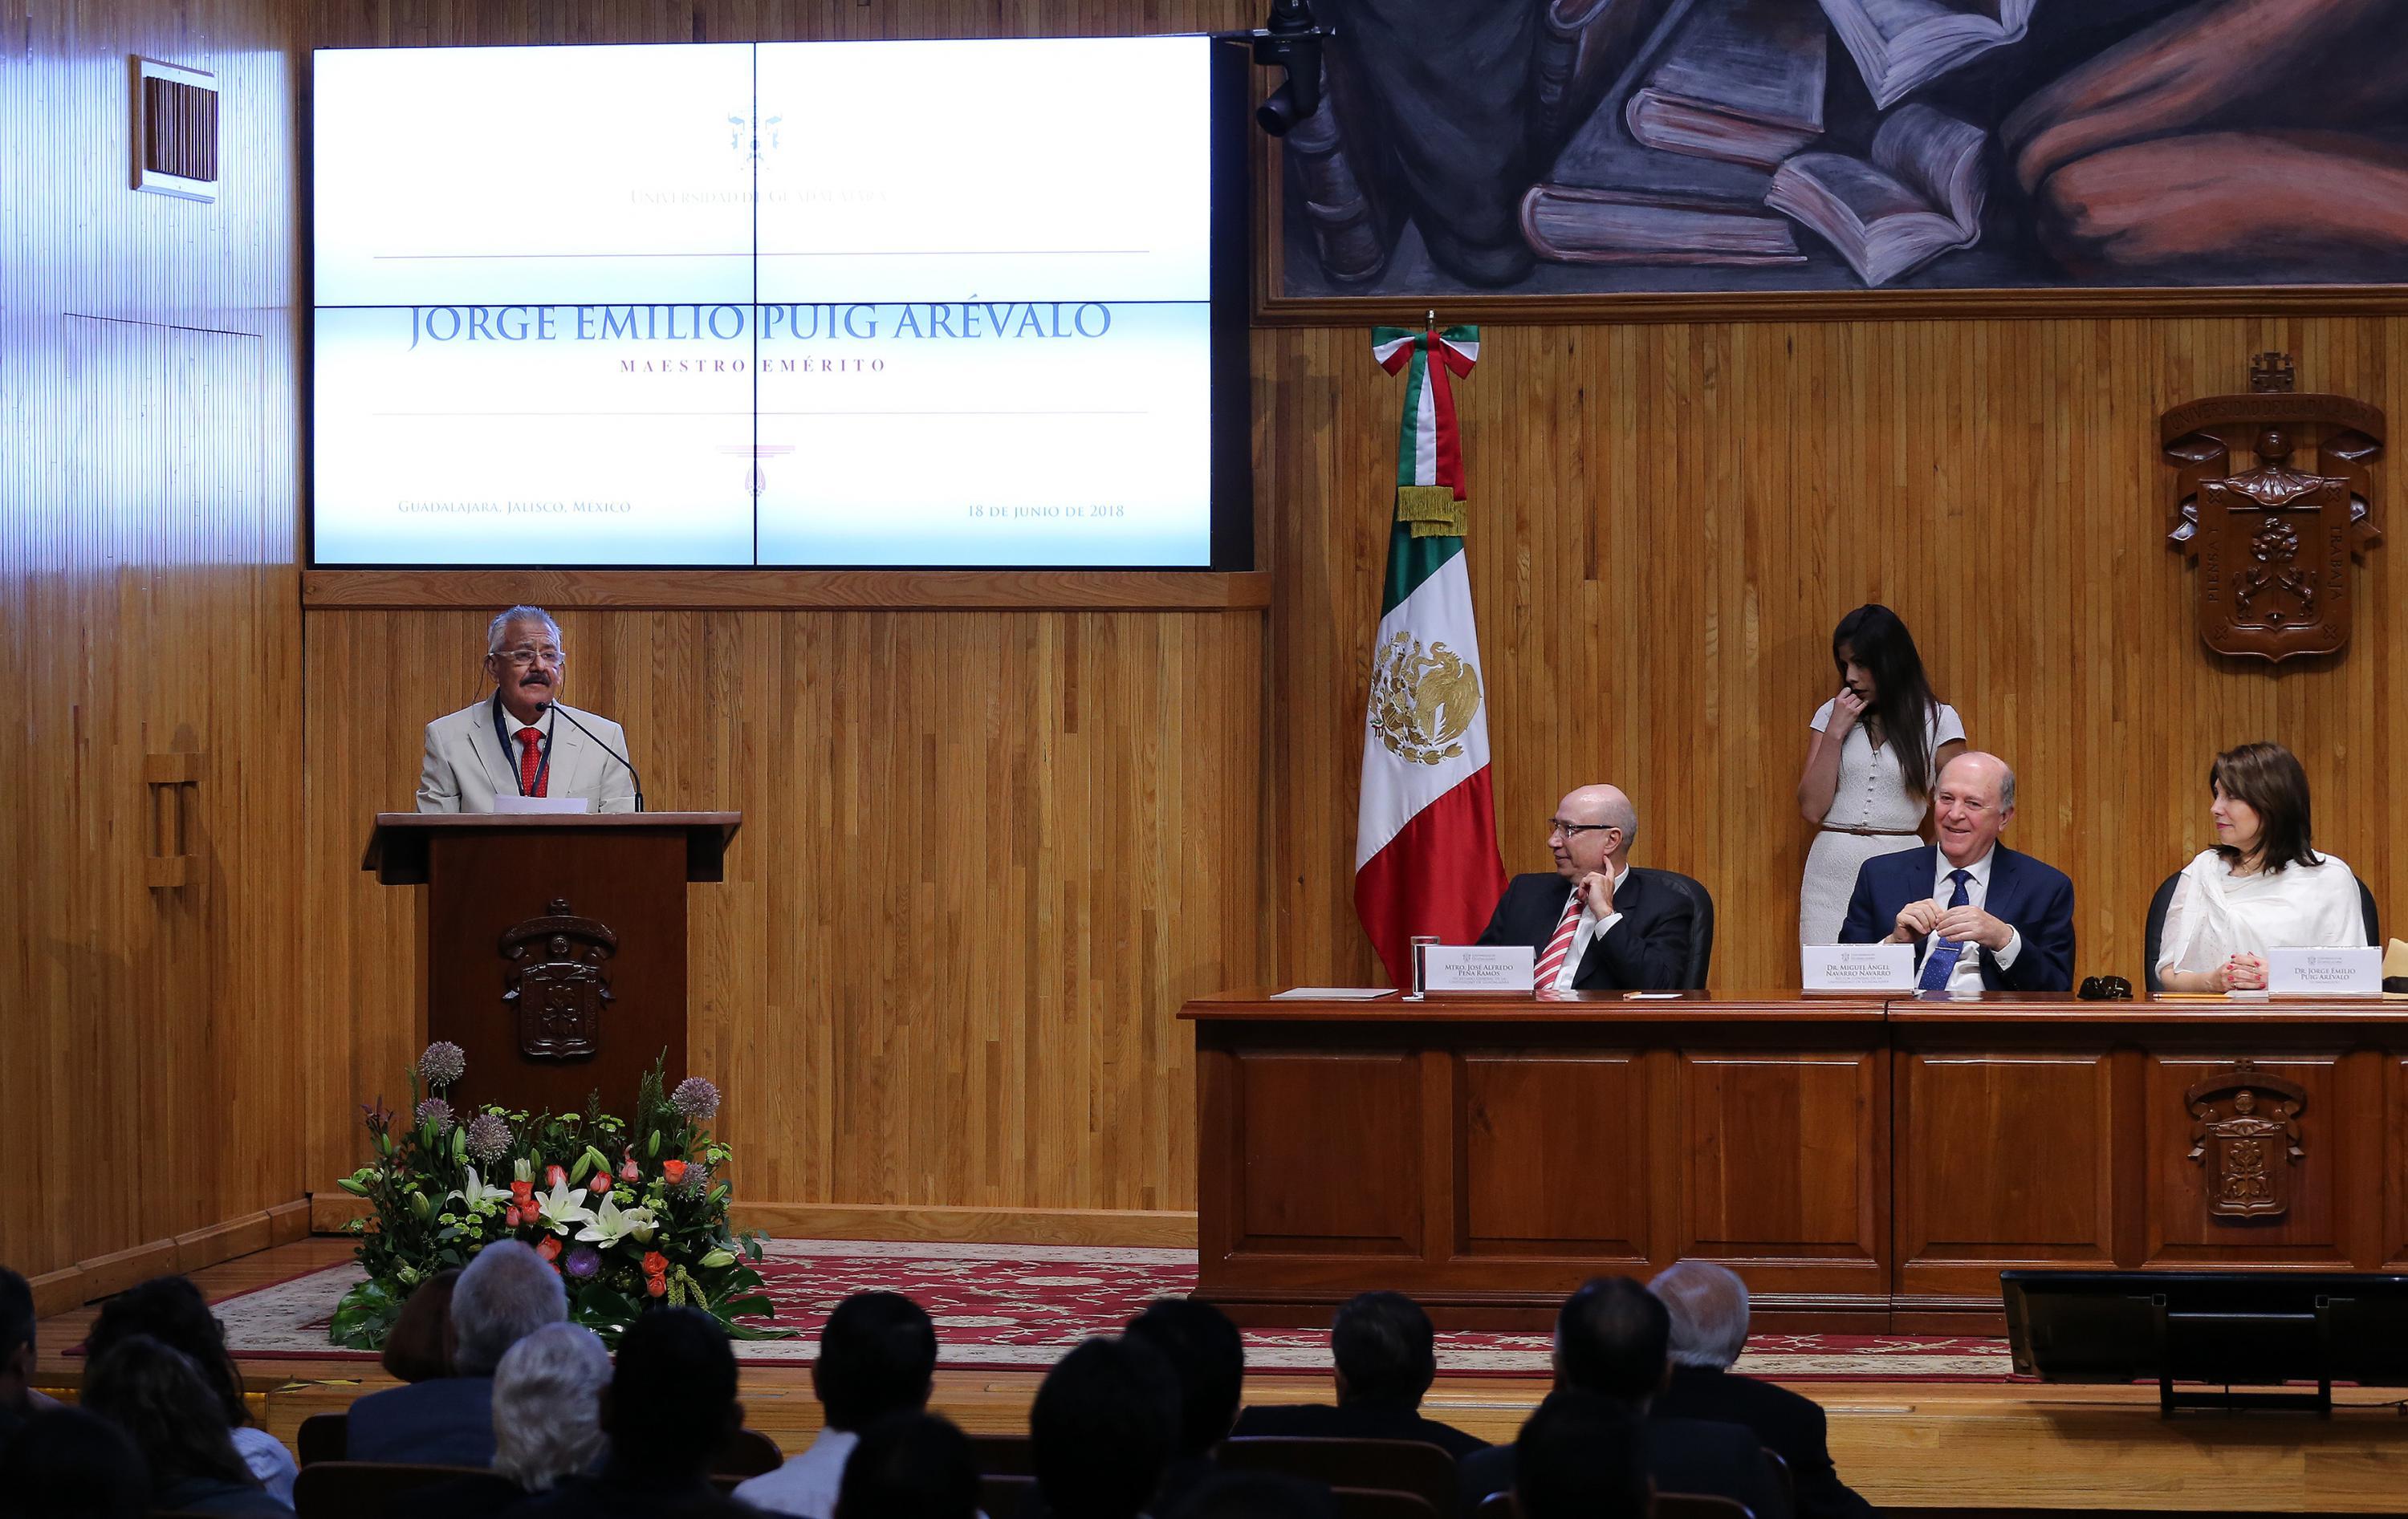 Maestro Emérito al doctor Jorge Emilio Puig Arévalo, haciendo uso de la palabra